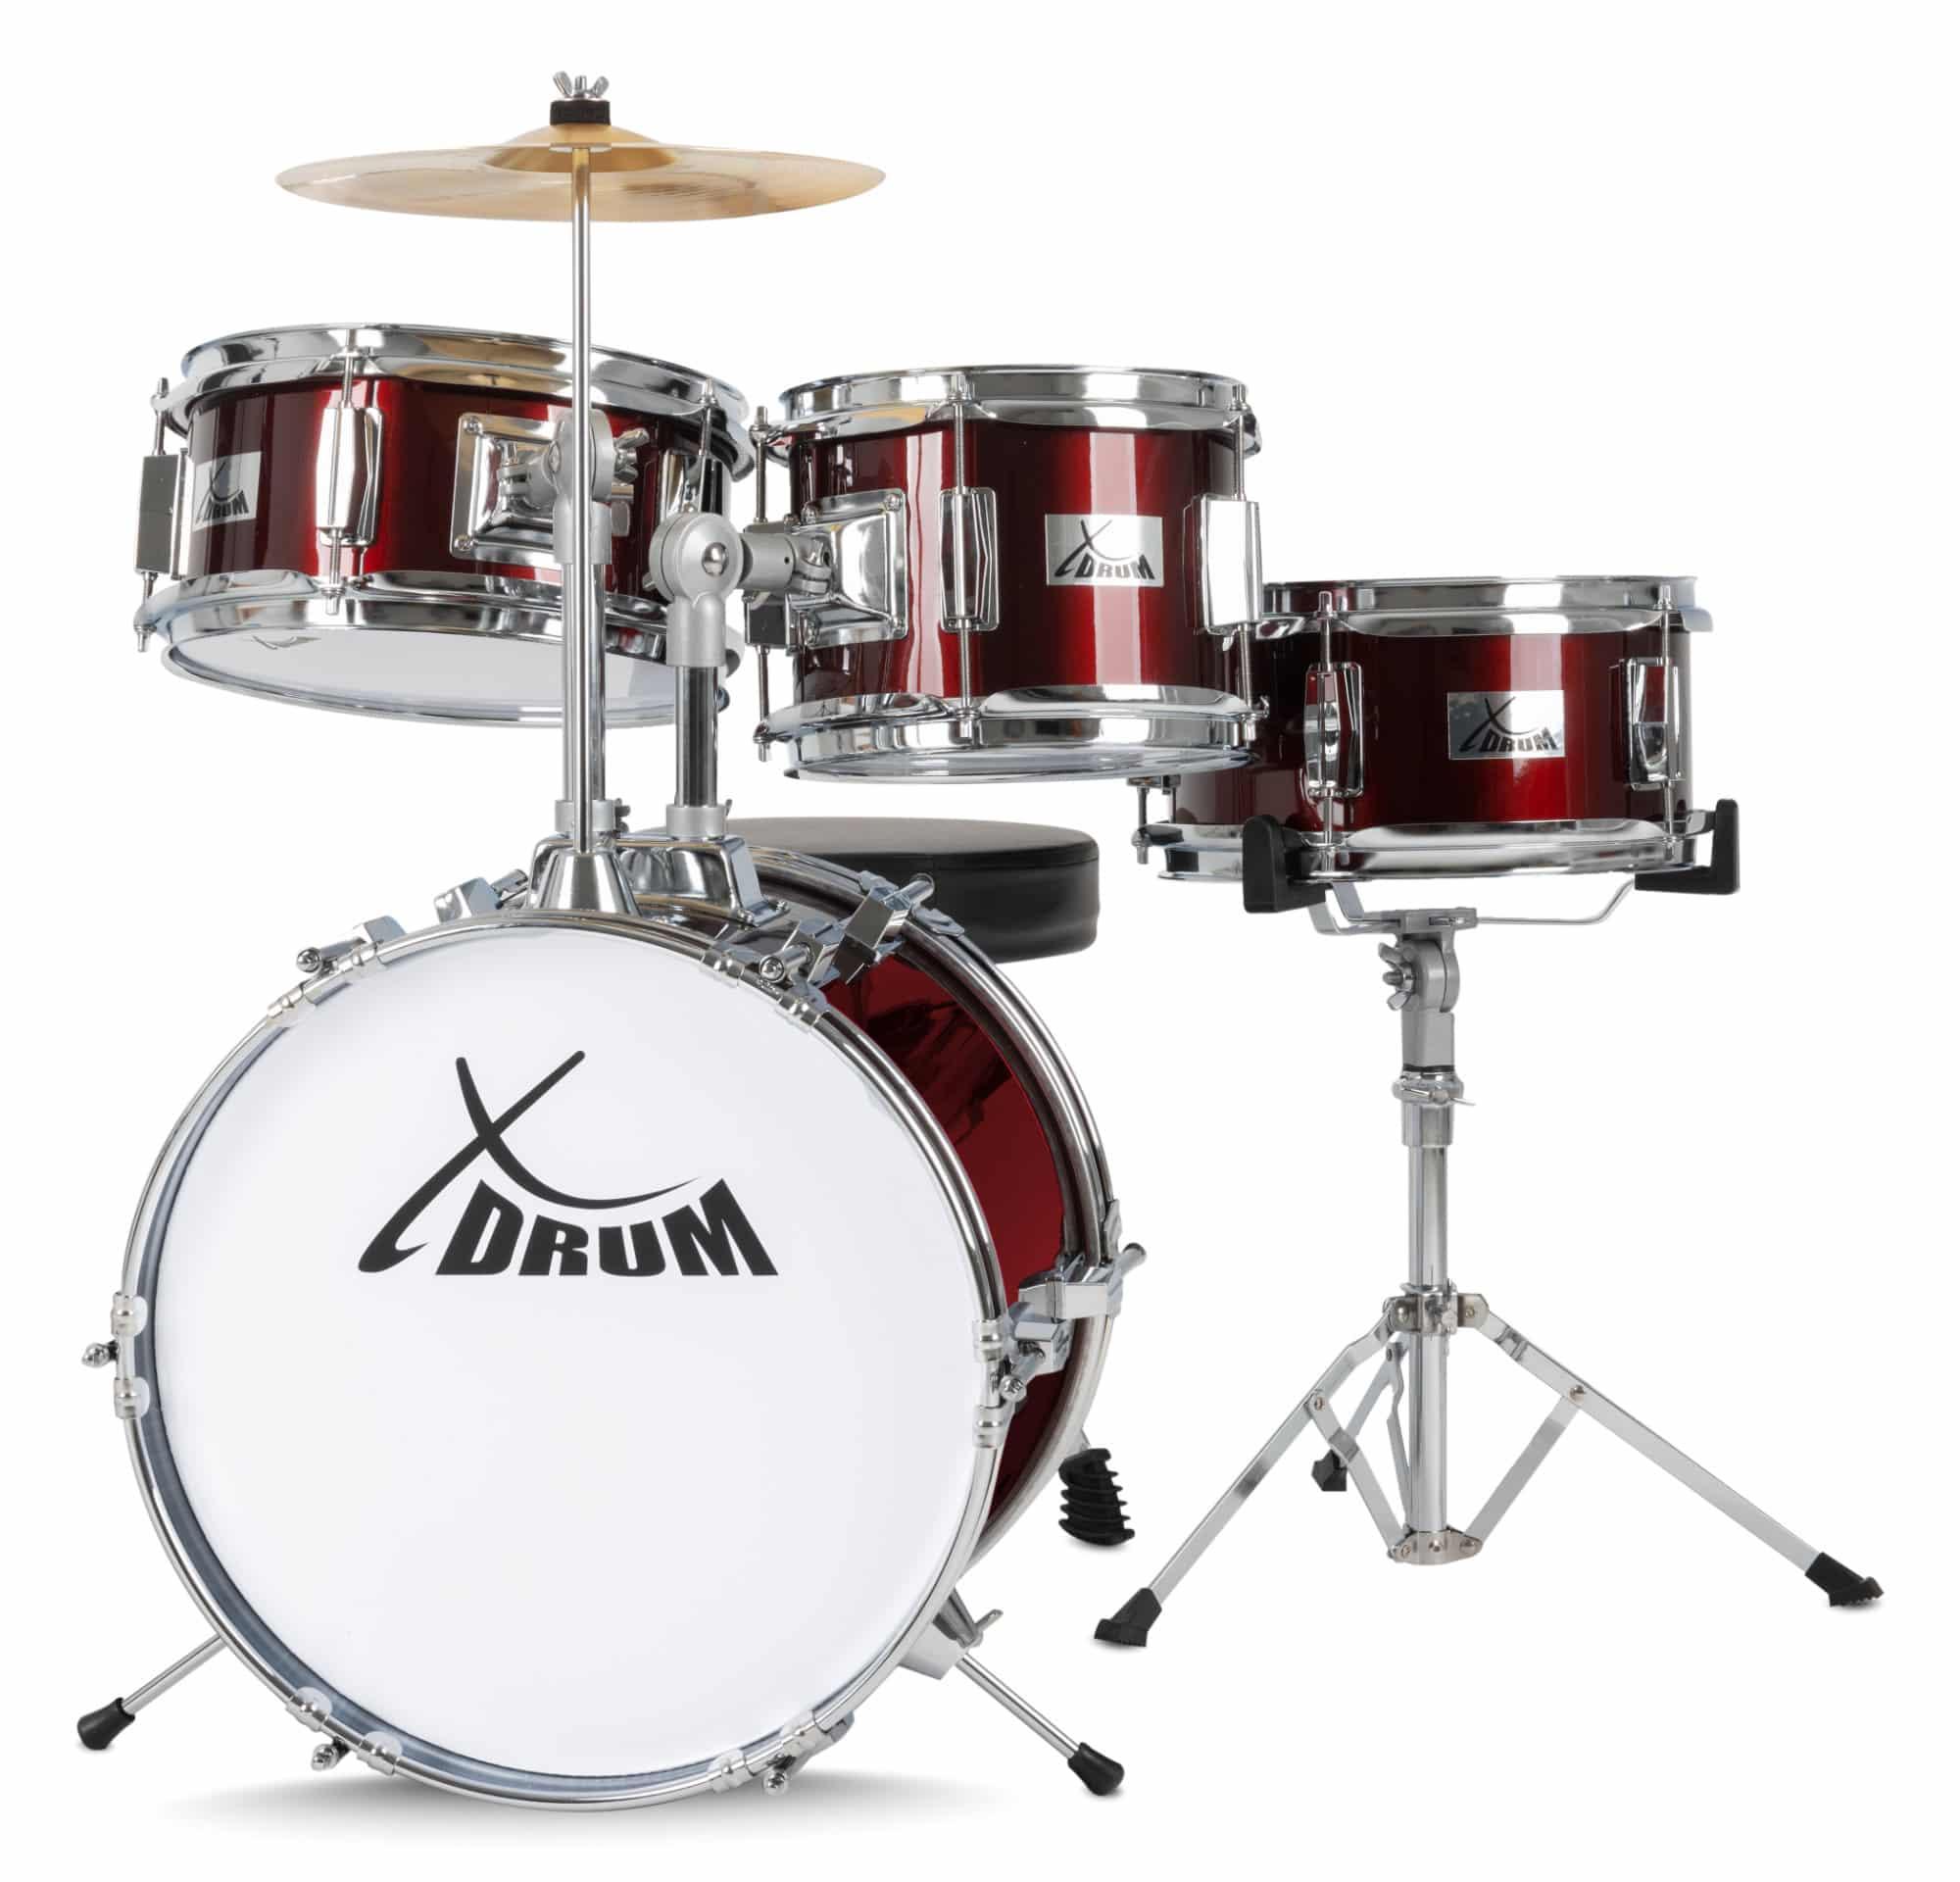 Akustikdrums - XDrum Junior Kinder Schlagzeug inkl. Schule DVD Retoure (Zustand sehr gut) - Onlineshop Musikhaus Kirstein